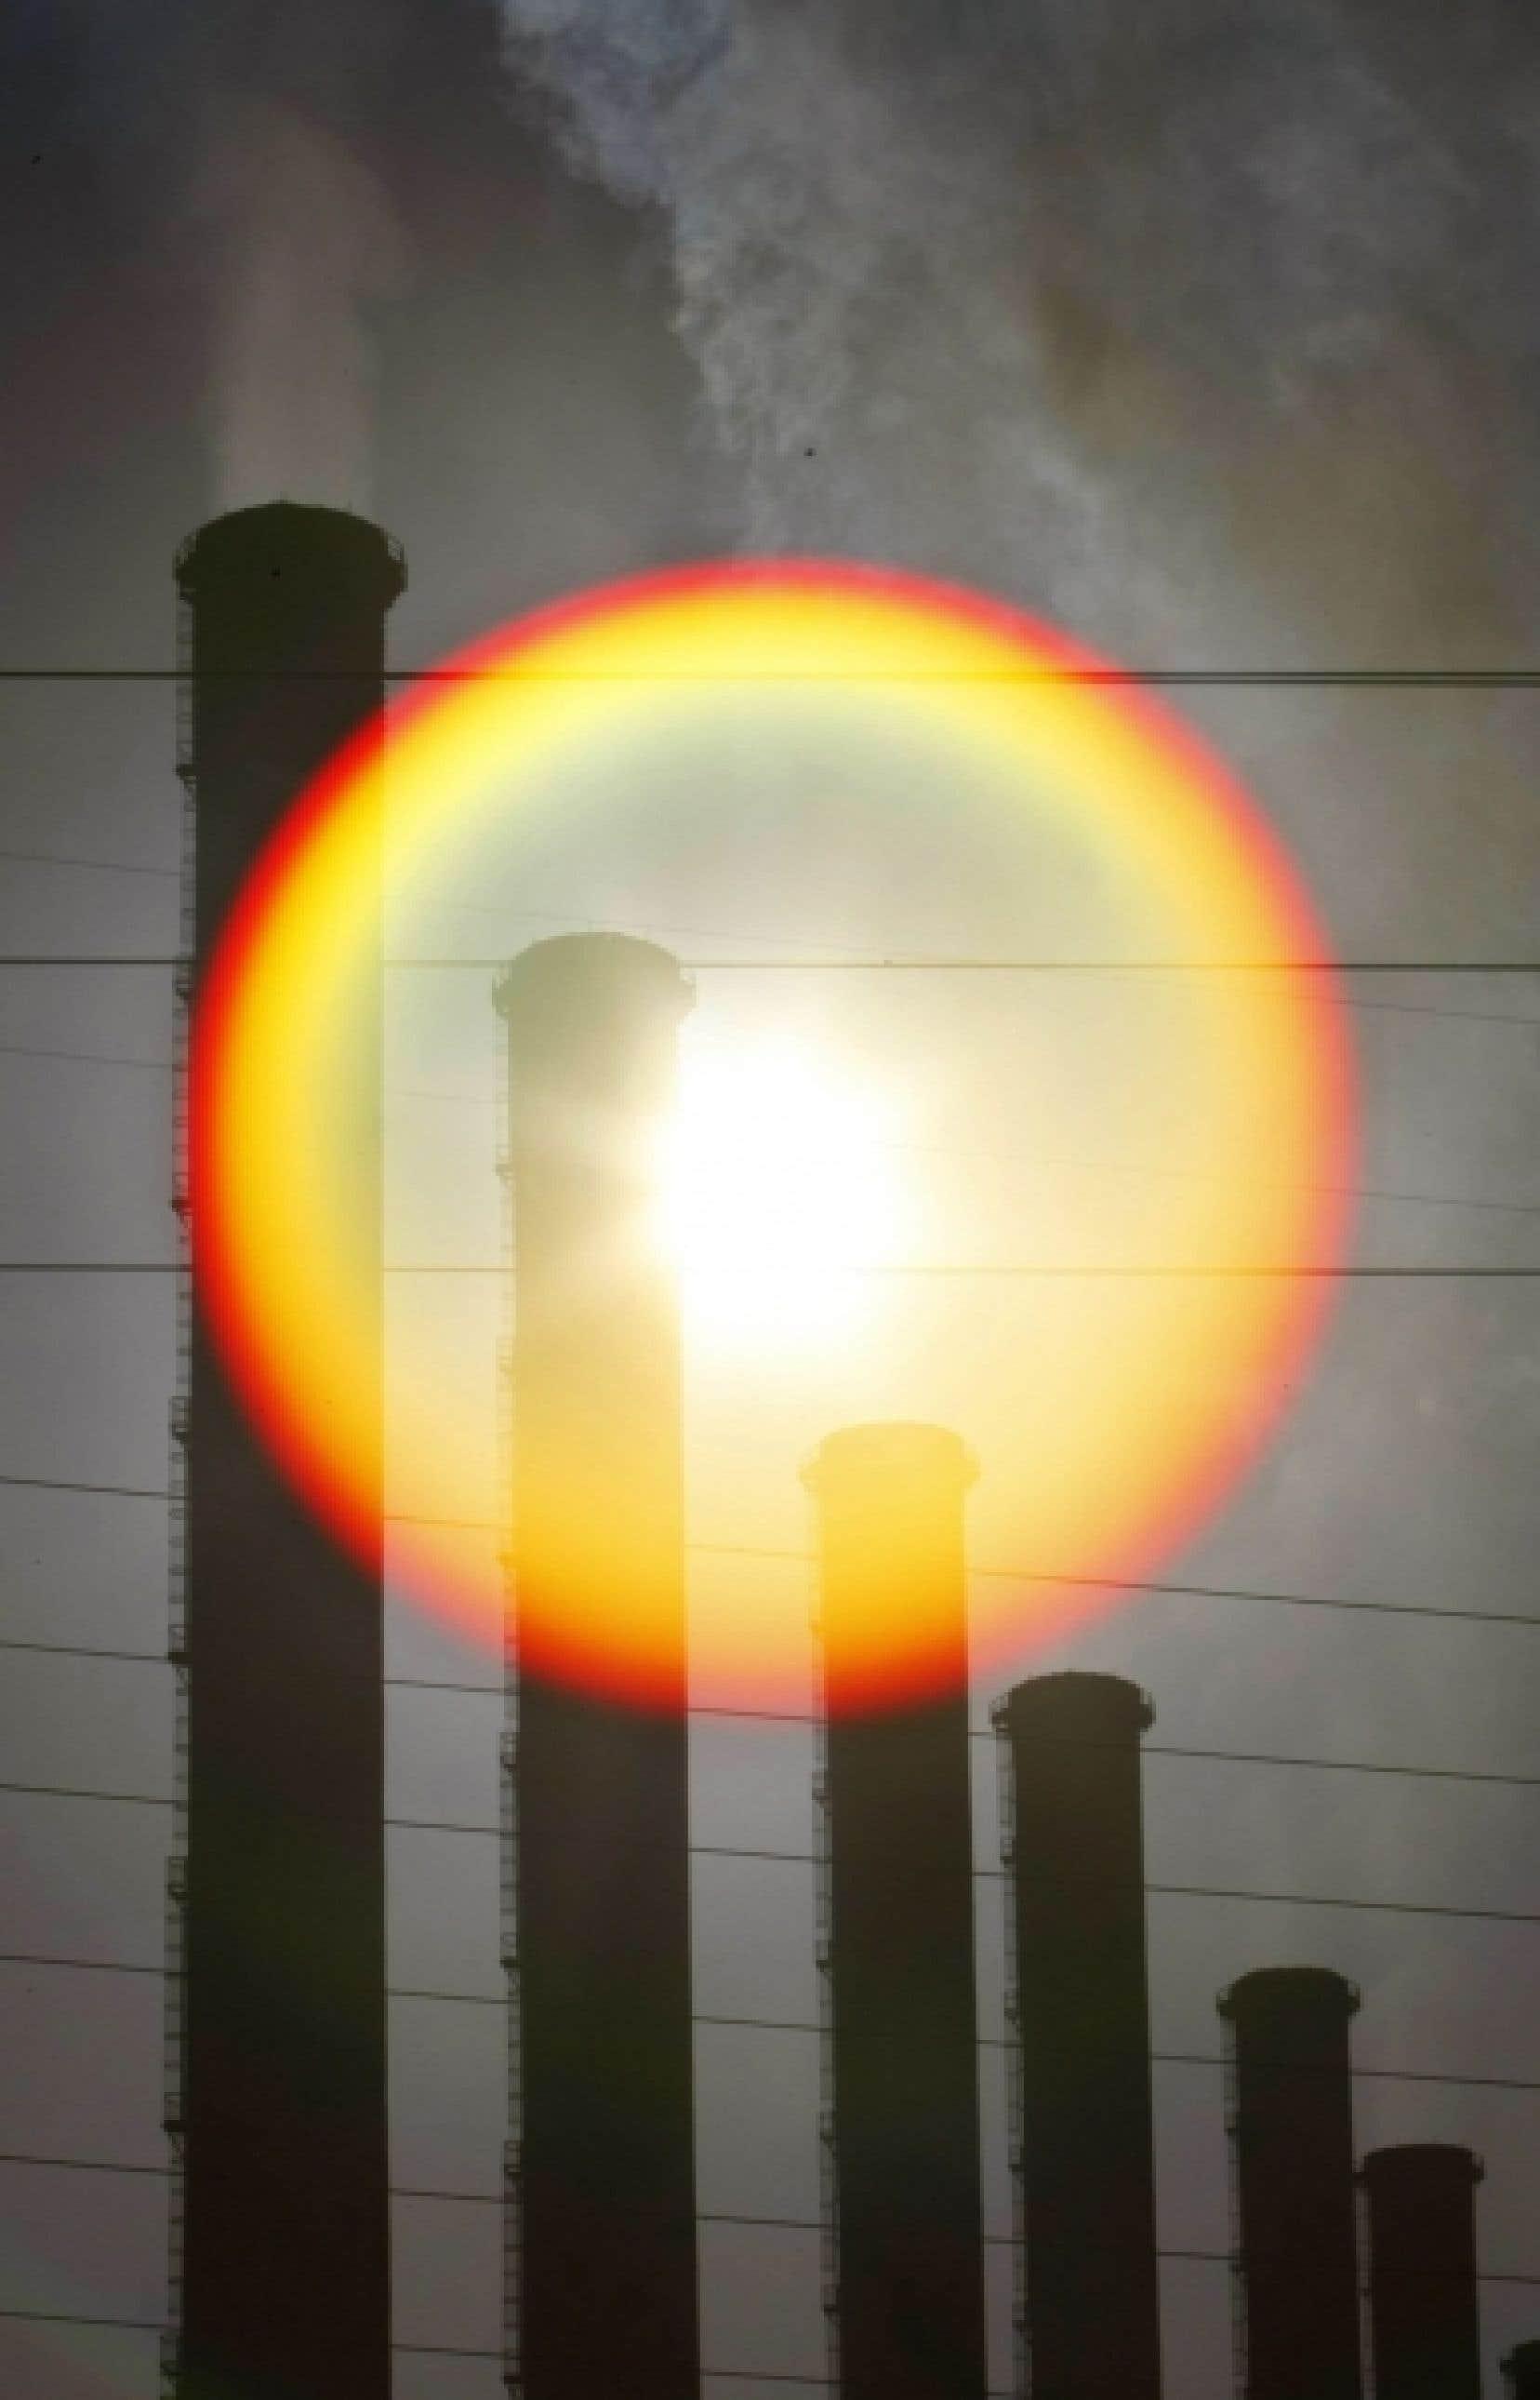 «Ce n'est pas toutes les années que le Canada se retire du protocole de Kyoto, qu'on lance un projet d'envergure comme le Plan Nord, qu'on parle du pétrole à Anticosti, qu'on parle de gaz de schiste, de la réfection de la centrale nucléaire Gentilly-2. Et on n'est même pas encore tout à fait remis de l'erreur boréale», explique Dominic Champagne.